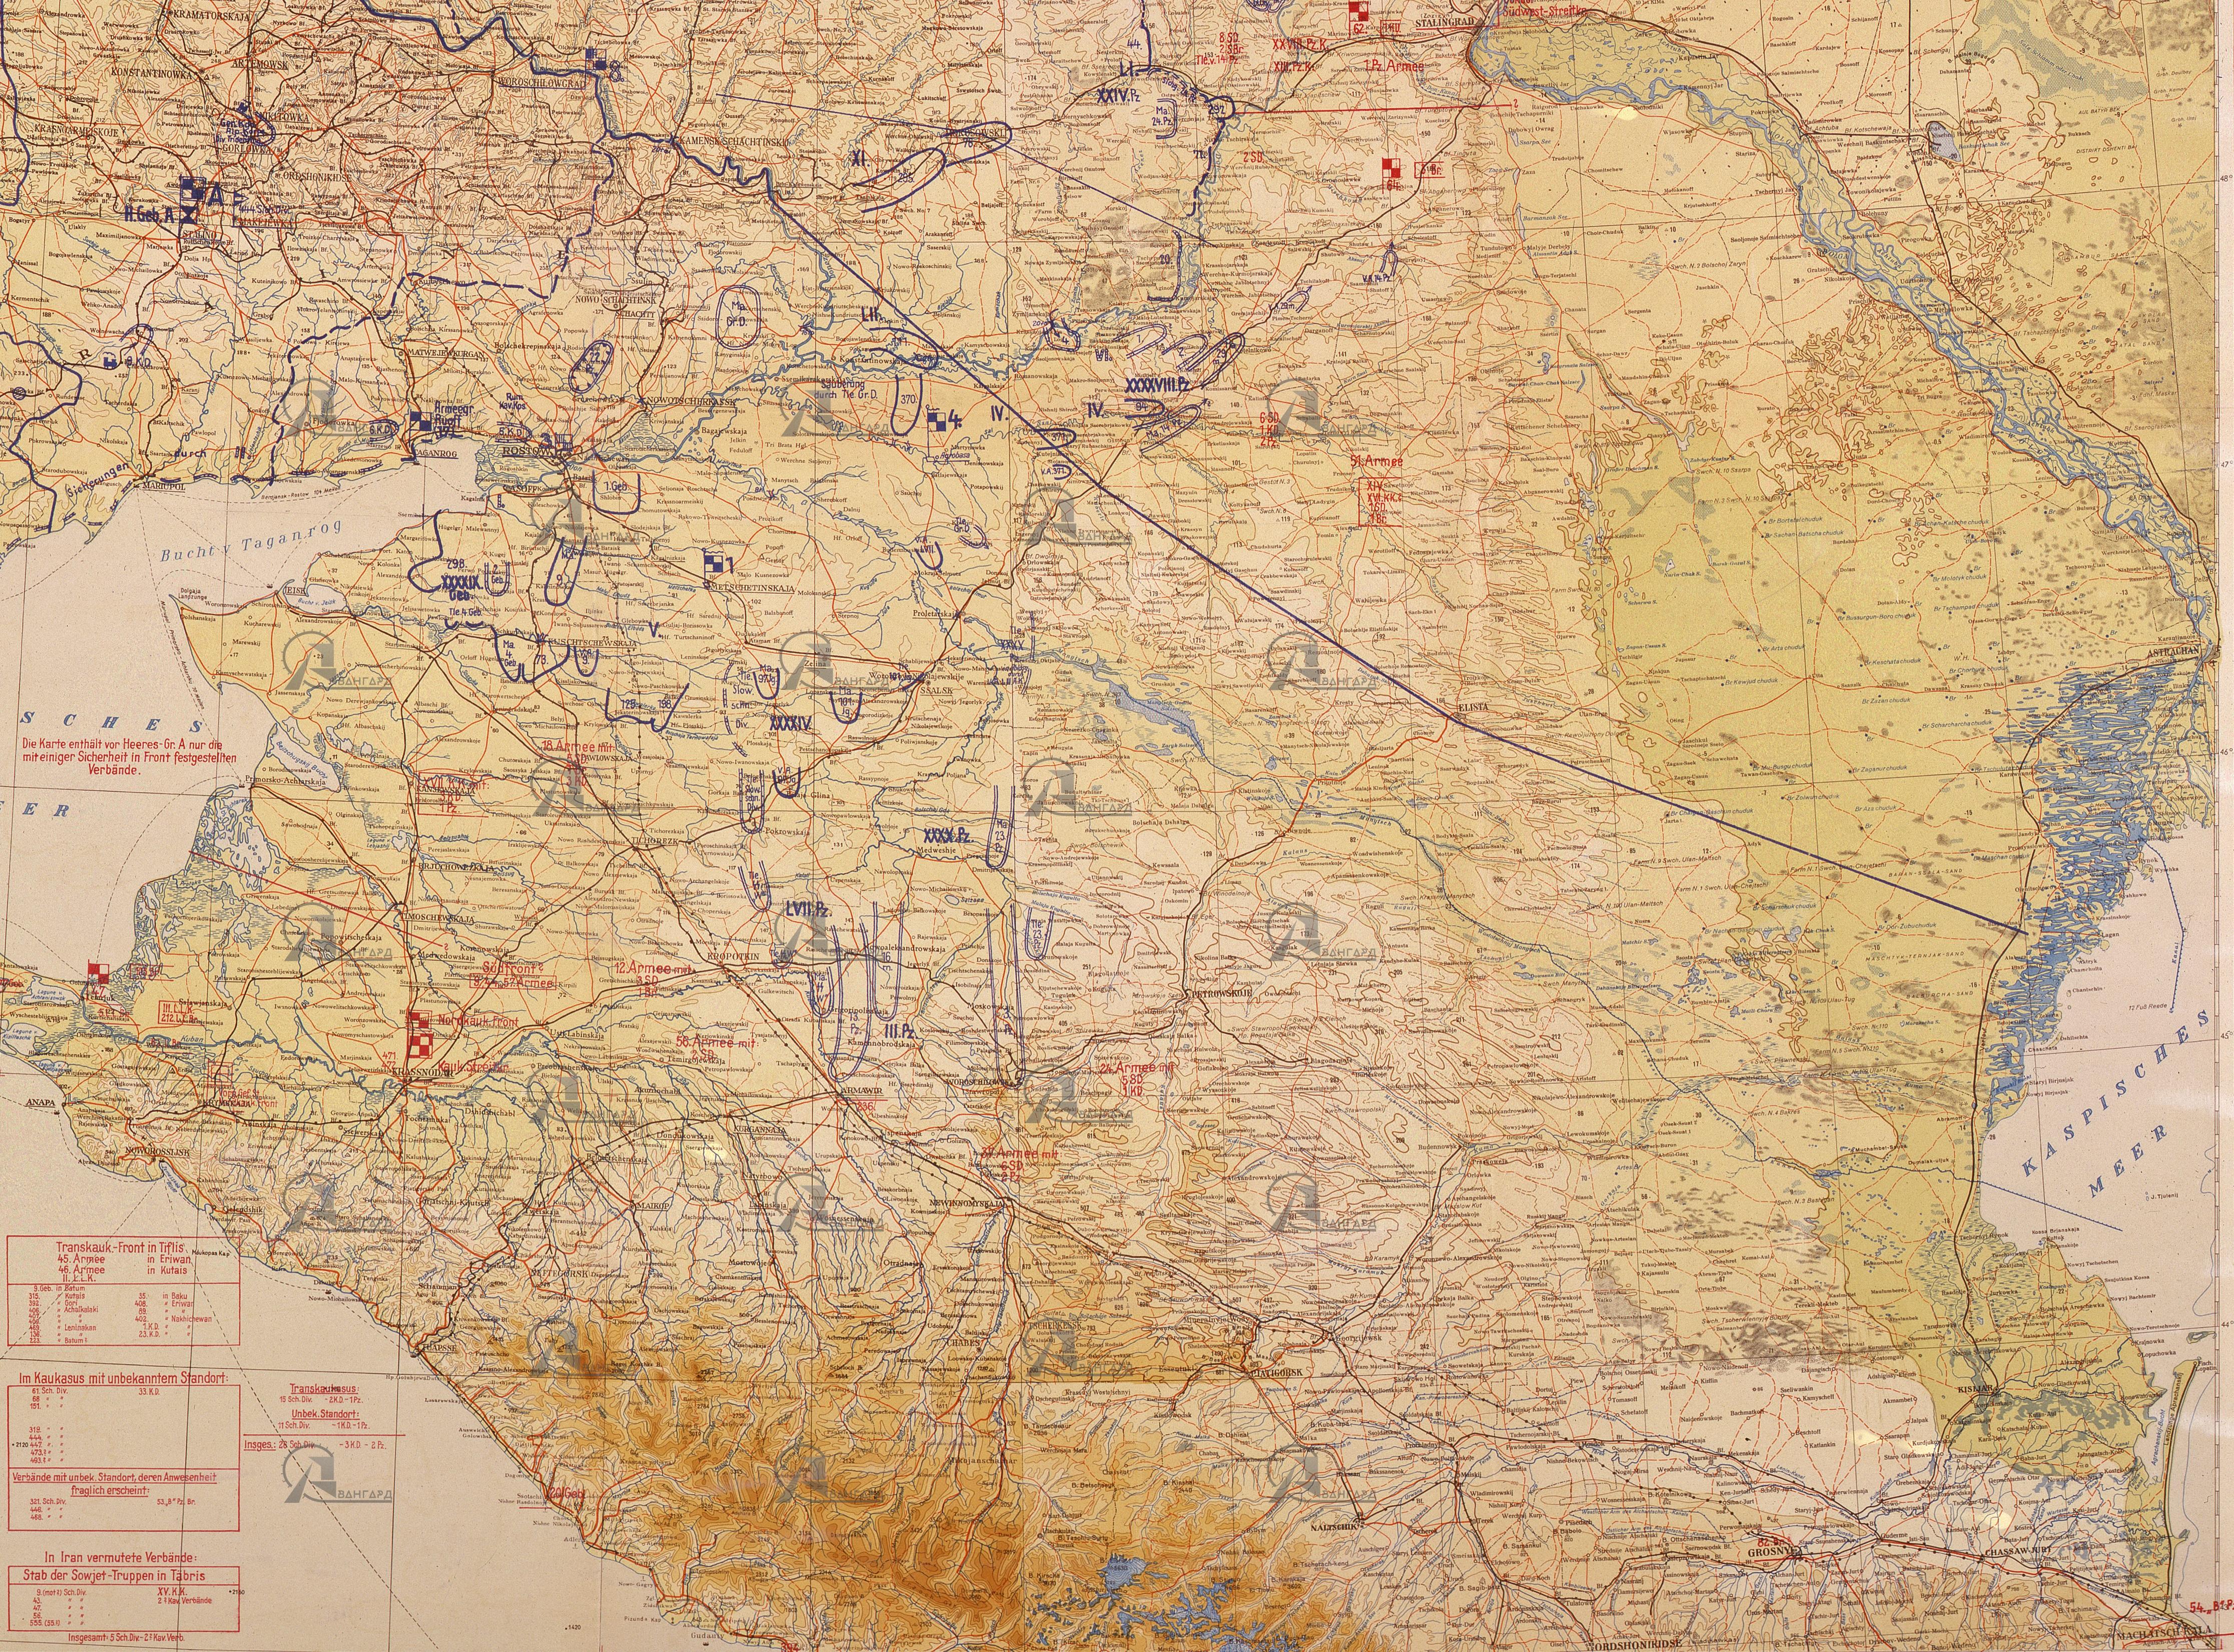 Фрагмент карты ОКХ от 03.08.1942 г